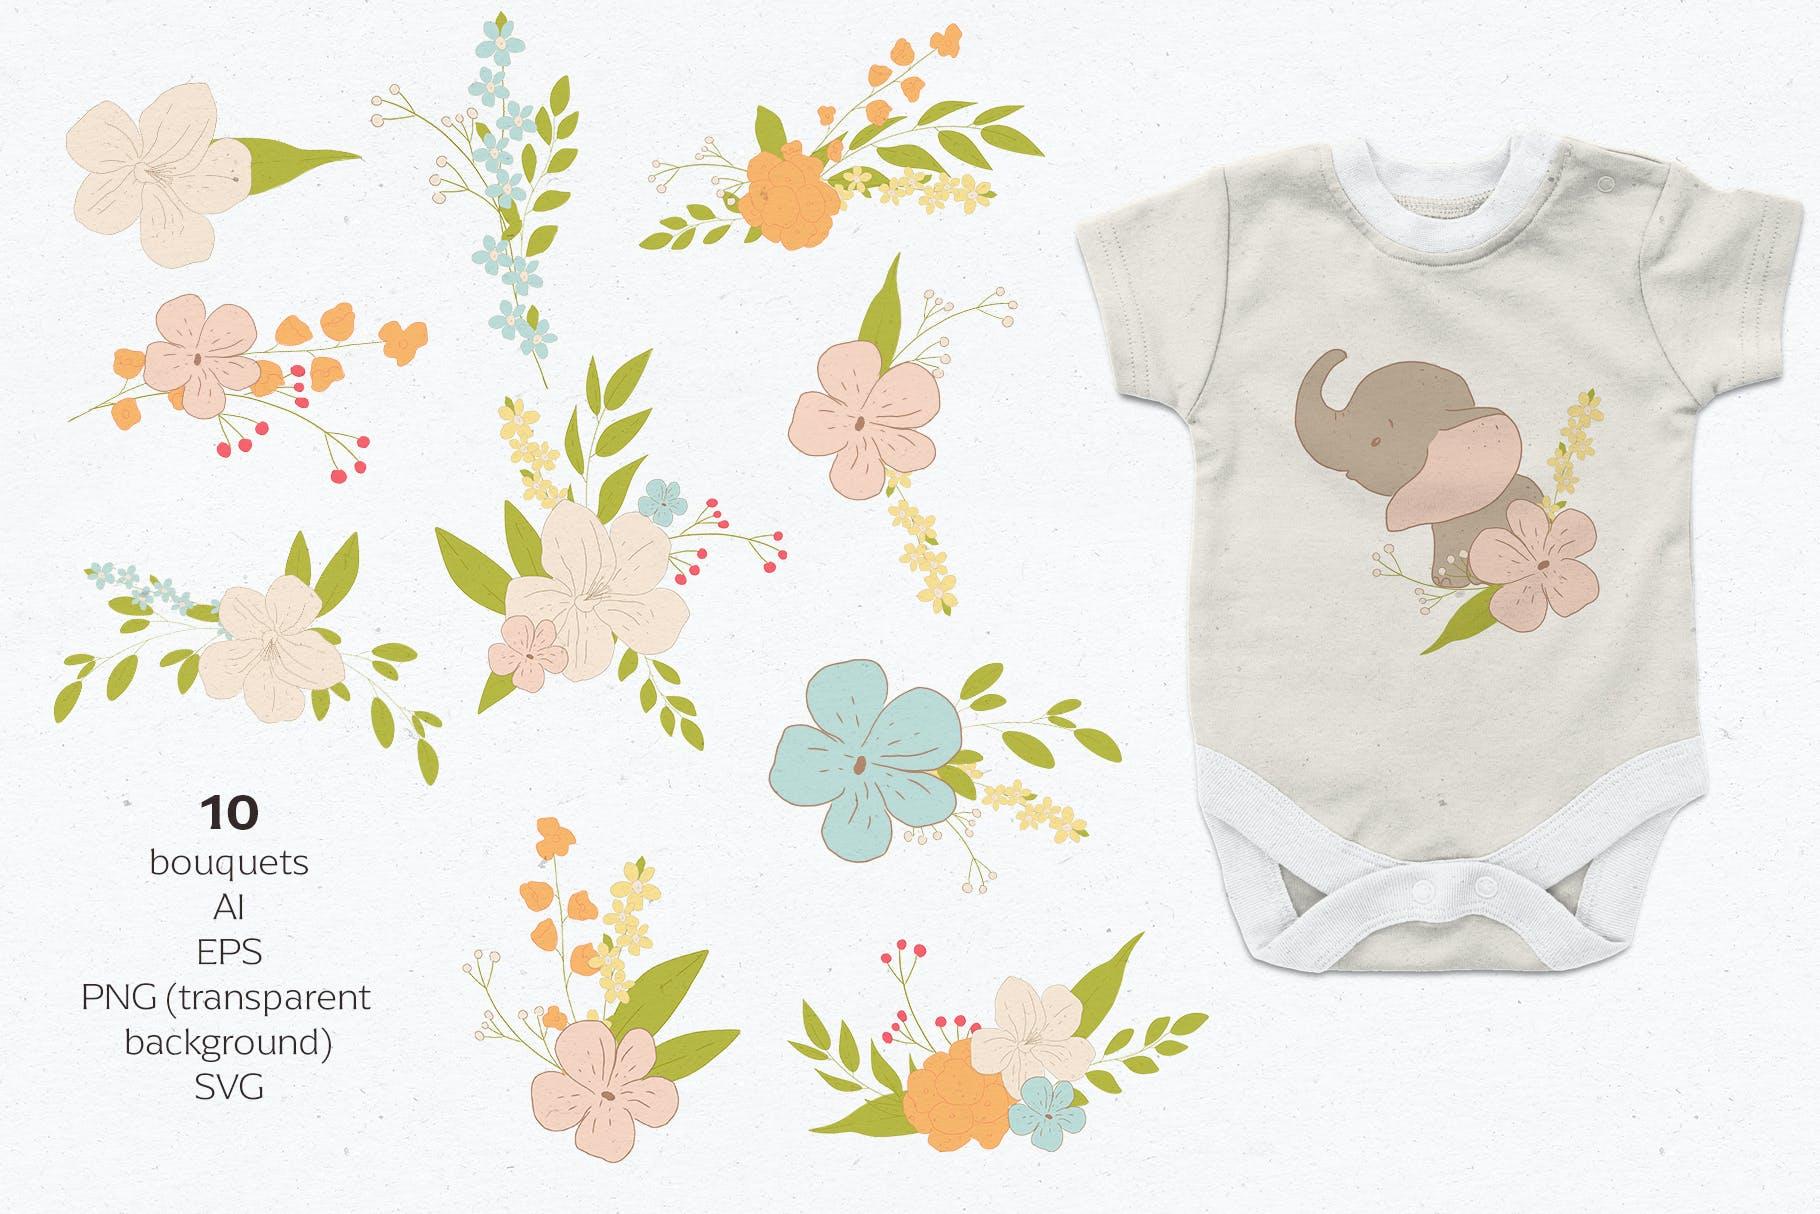 可爱卡通手绘大象花卉插画矢量素材 Baby Shower Elephants插图(2)